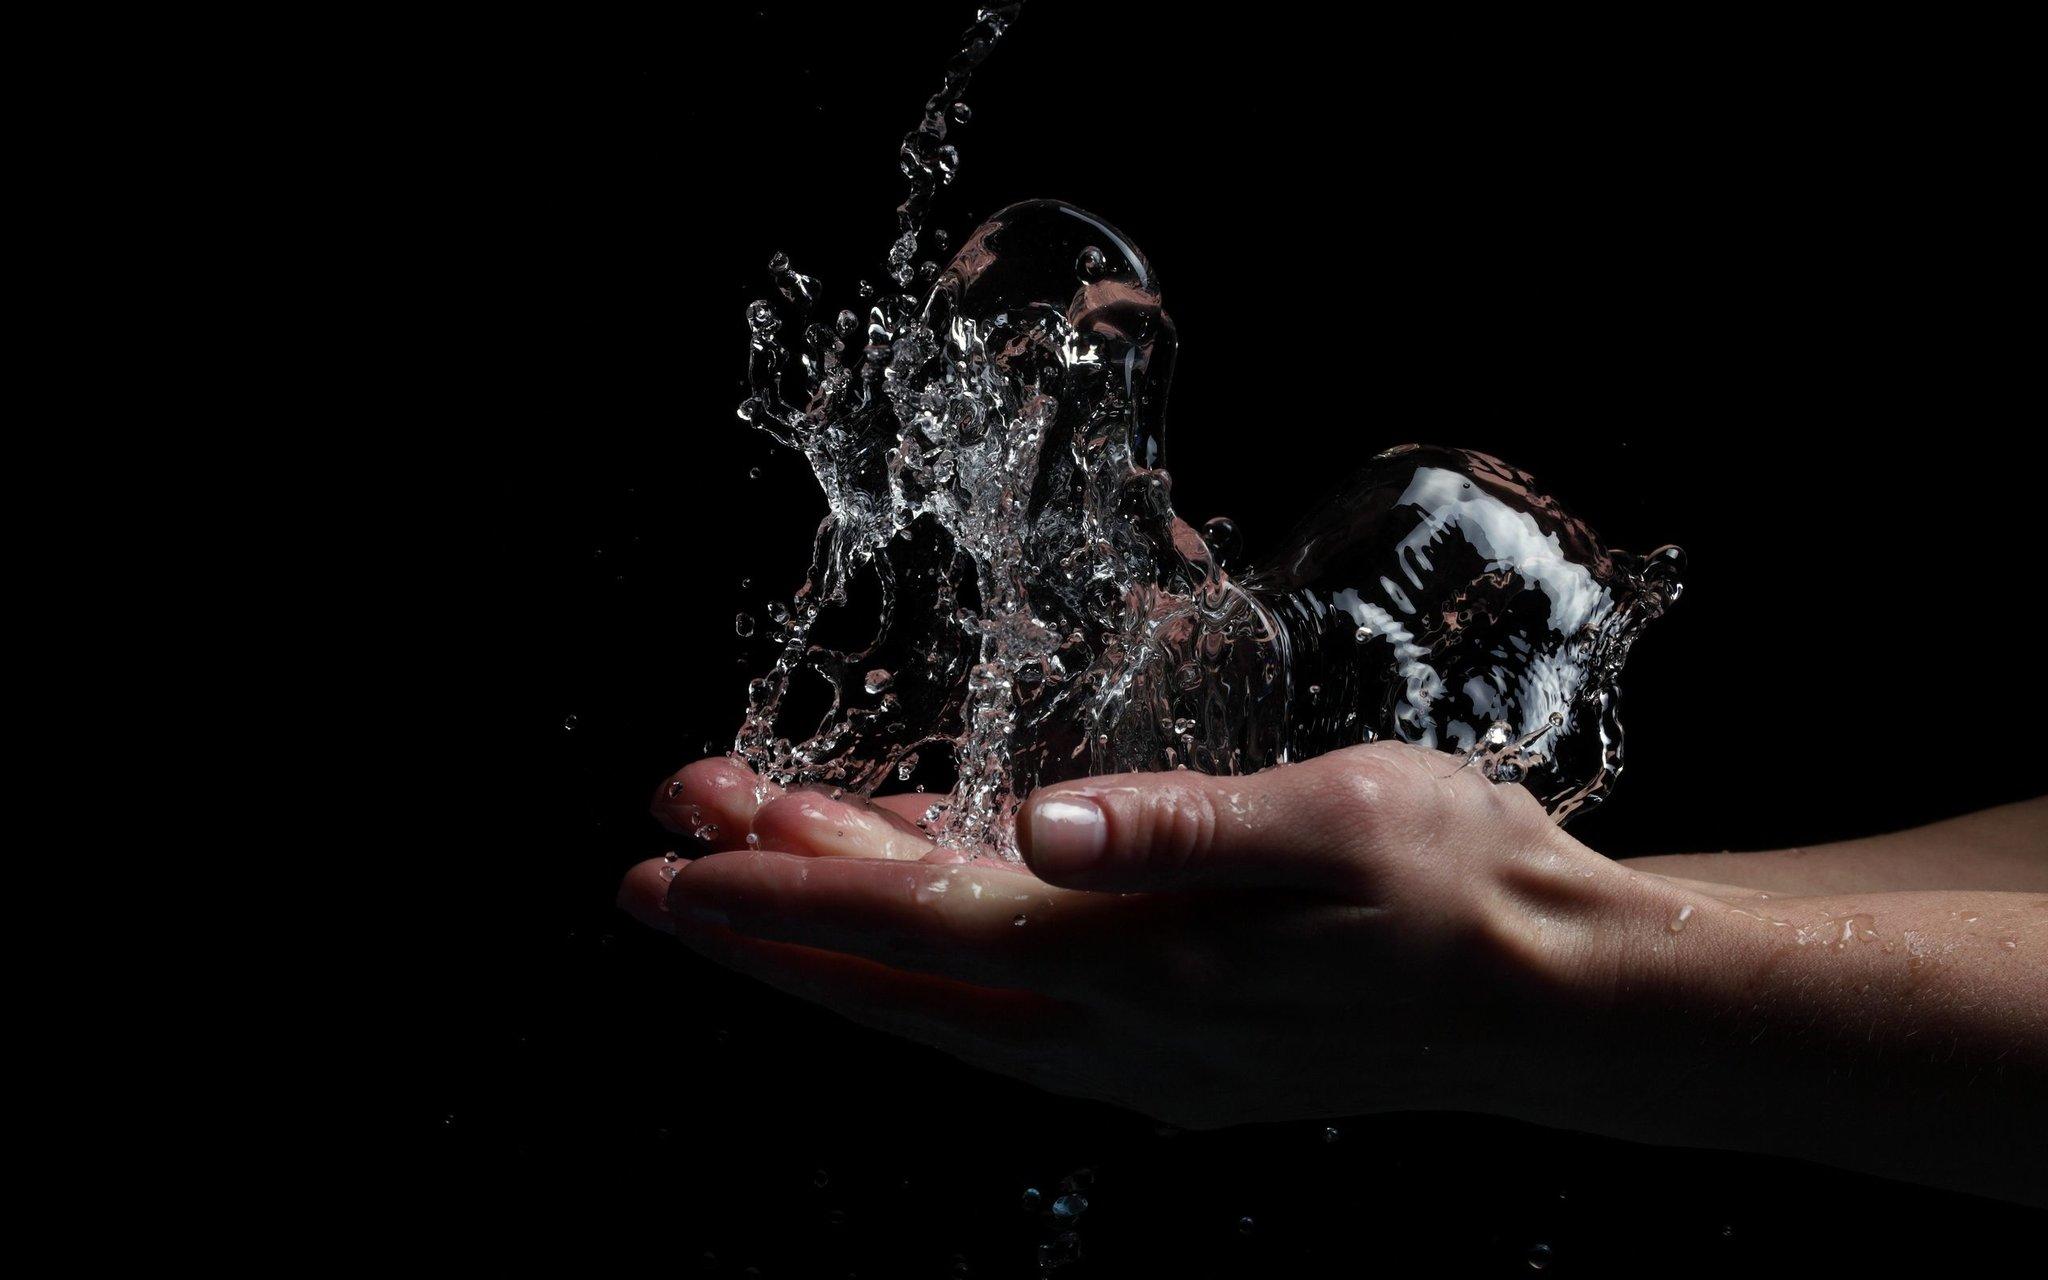 Herhalingen van waterspreuken